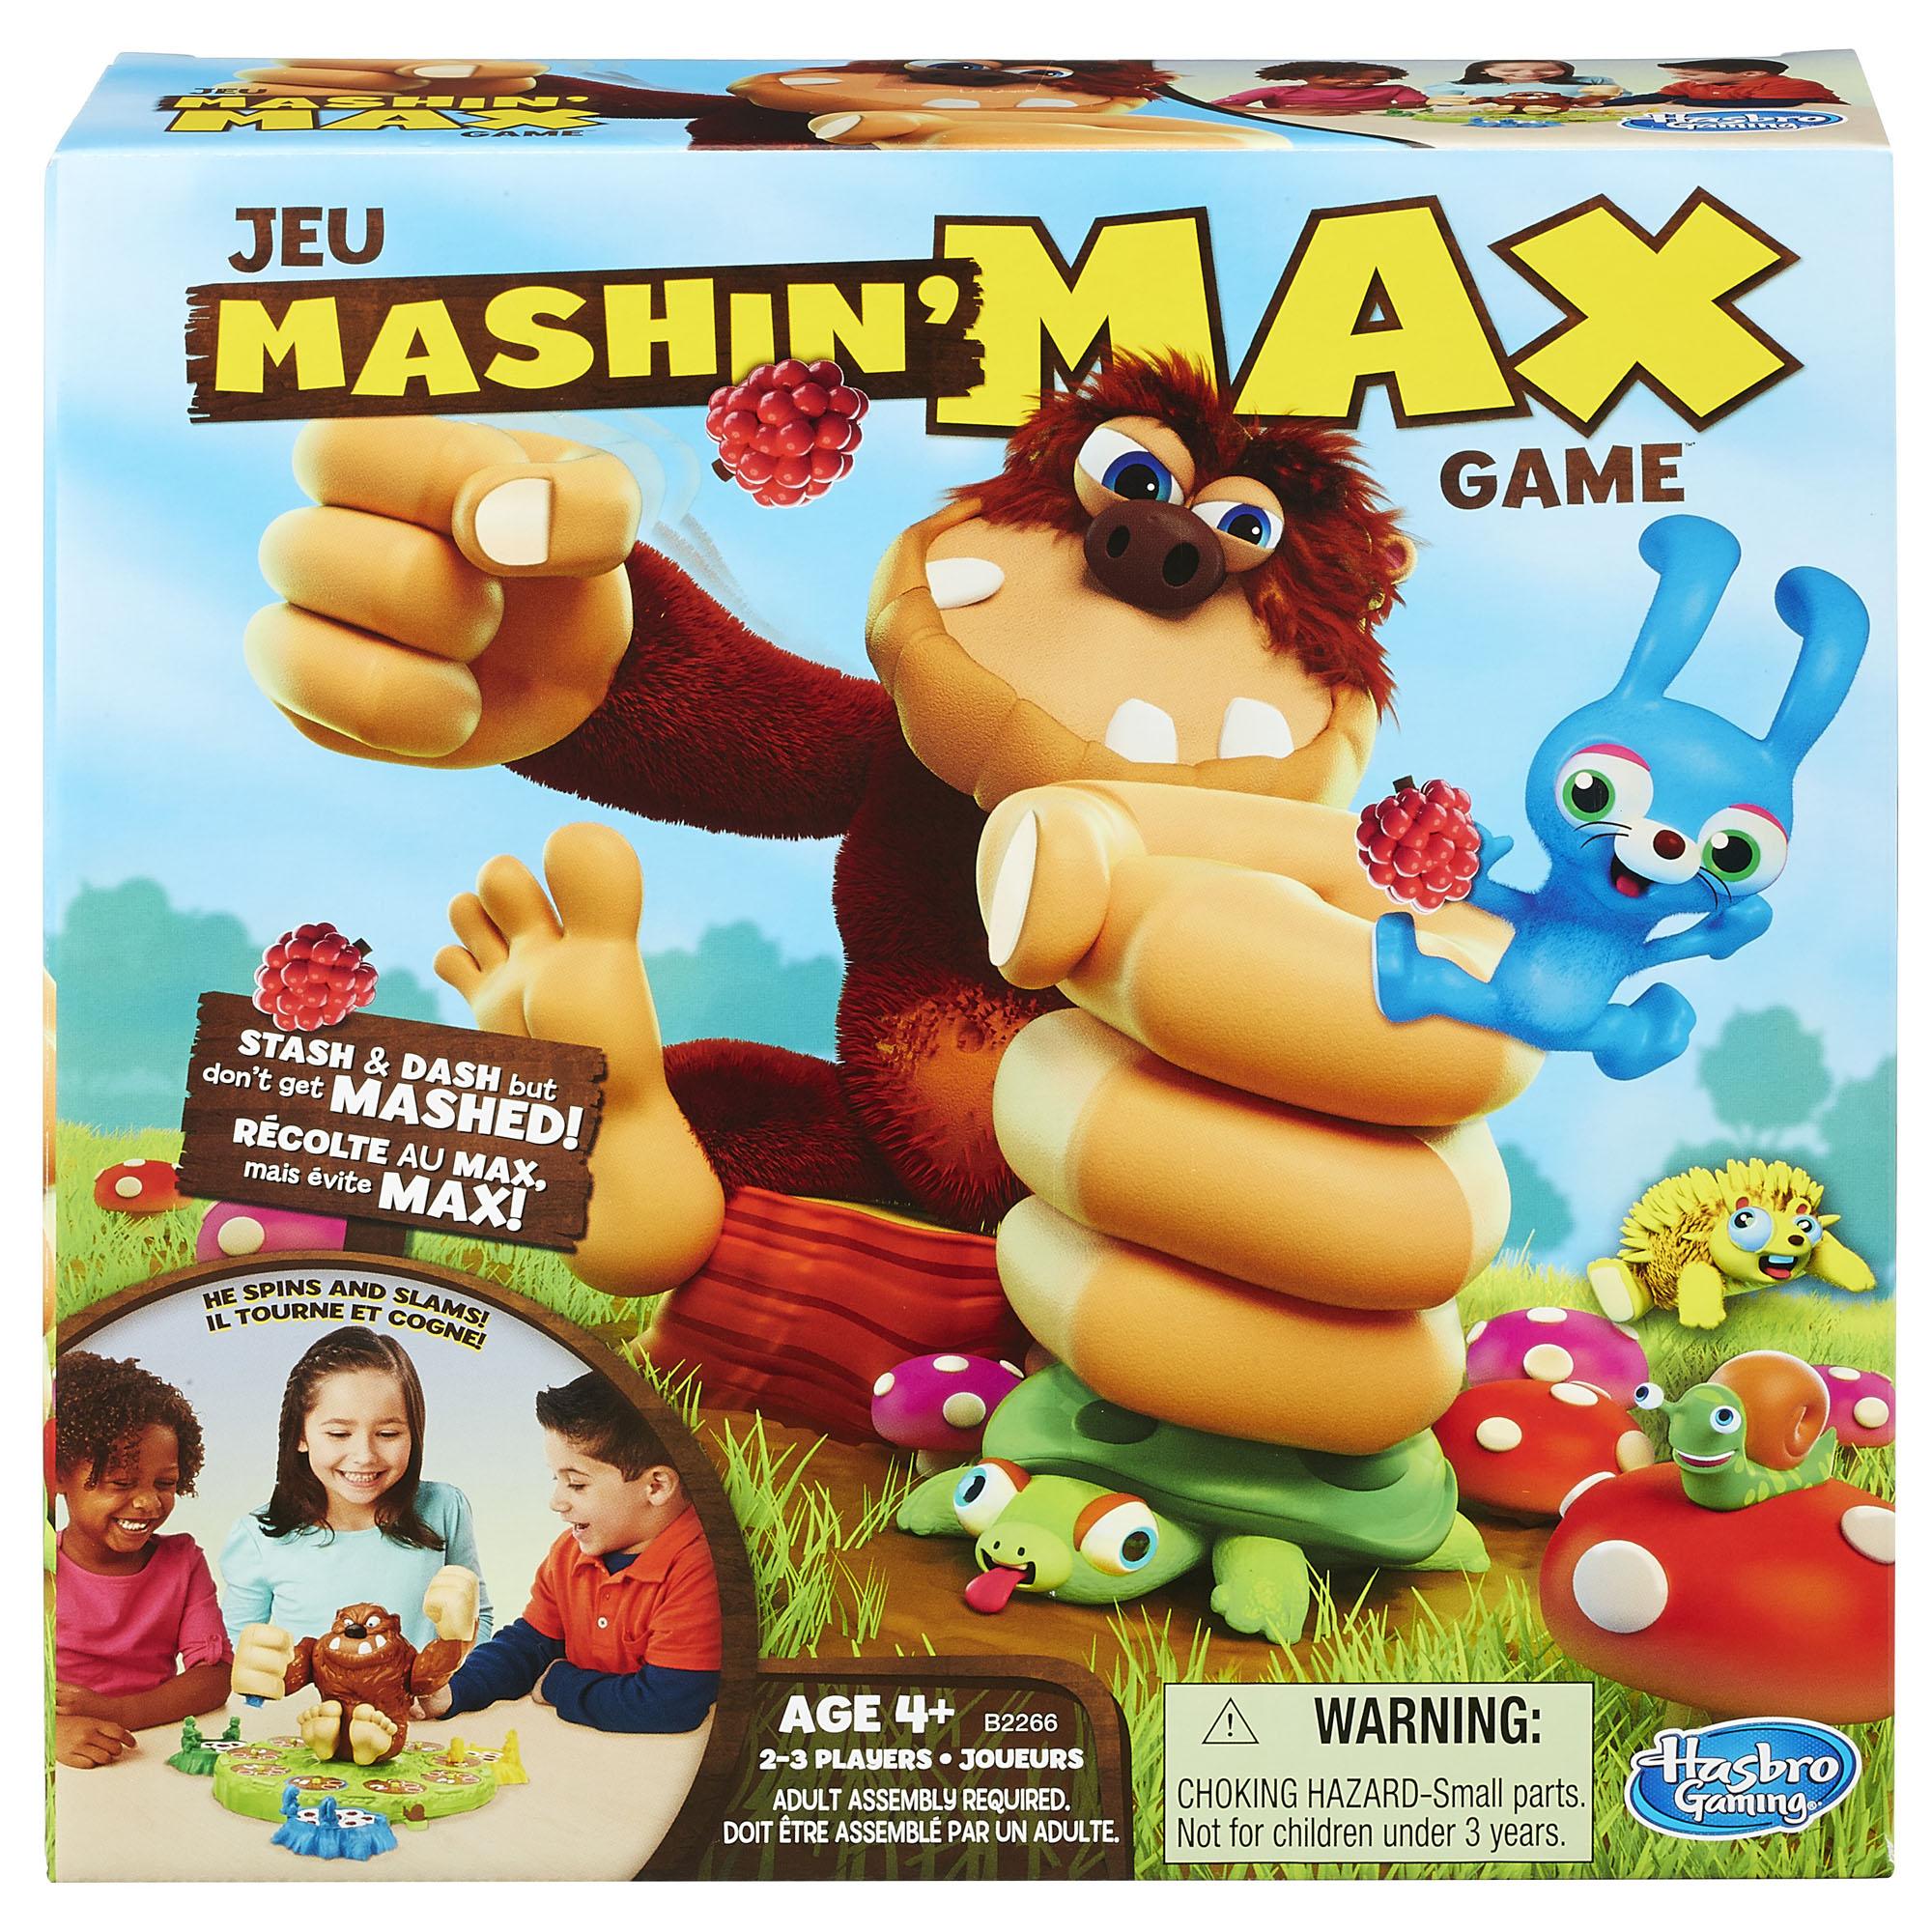 The Mashin' Max Game